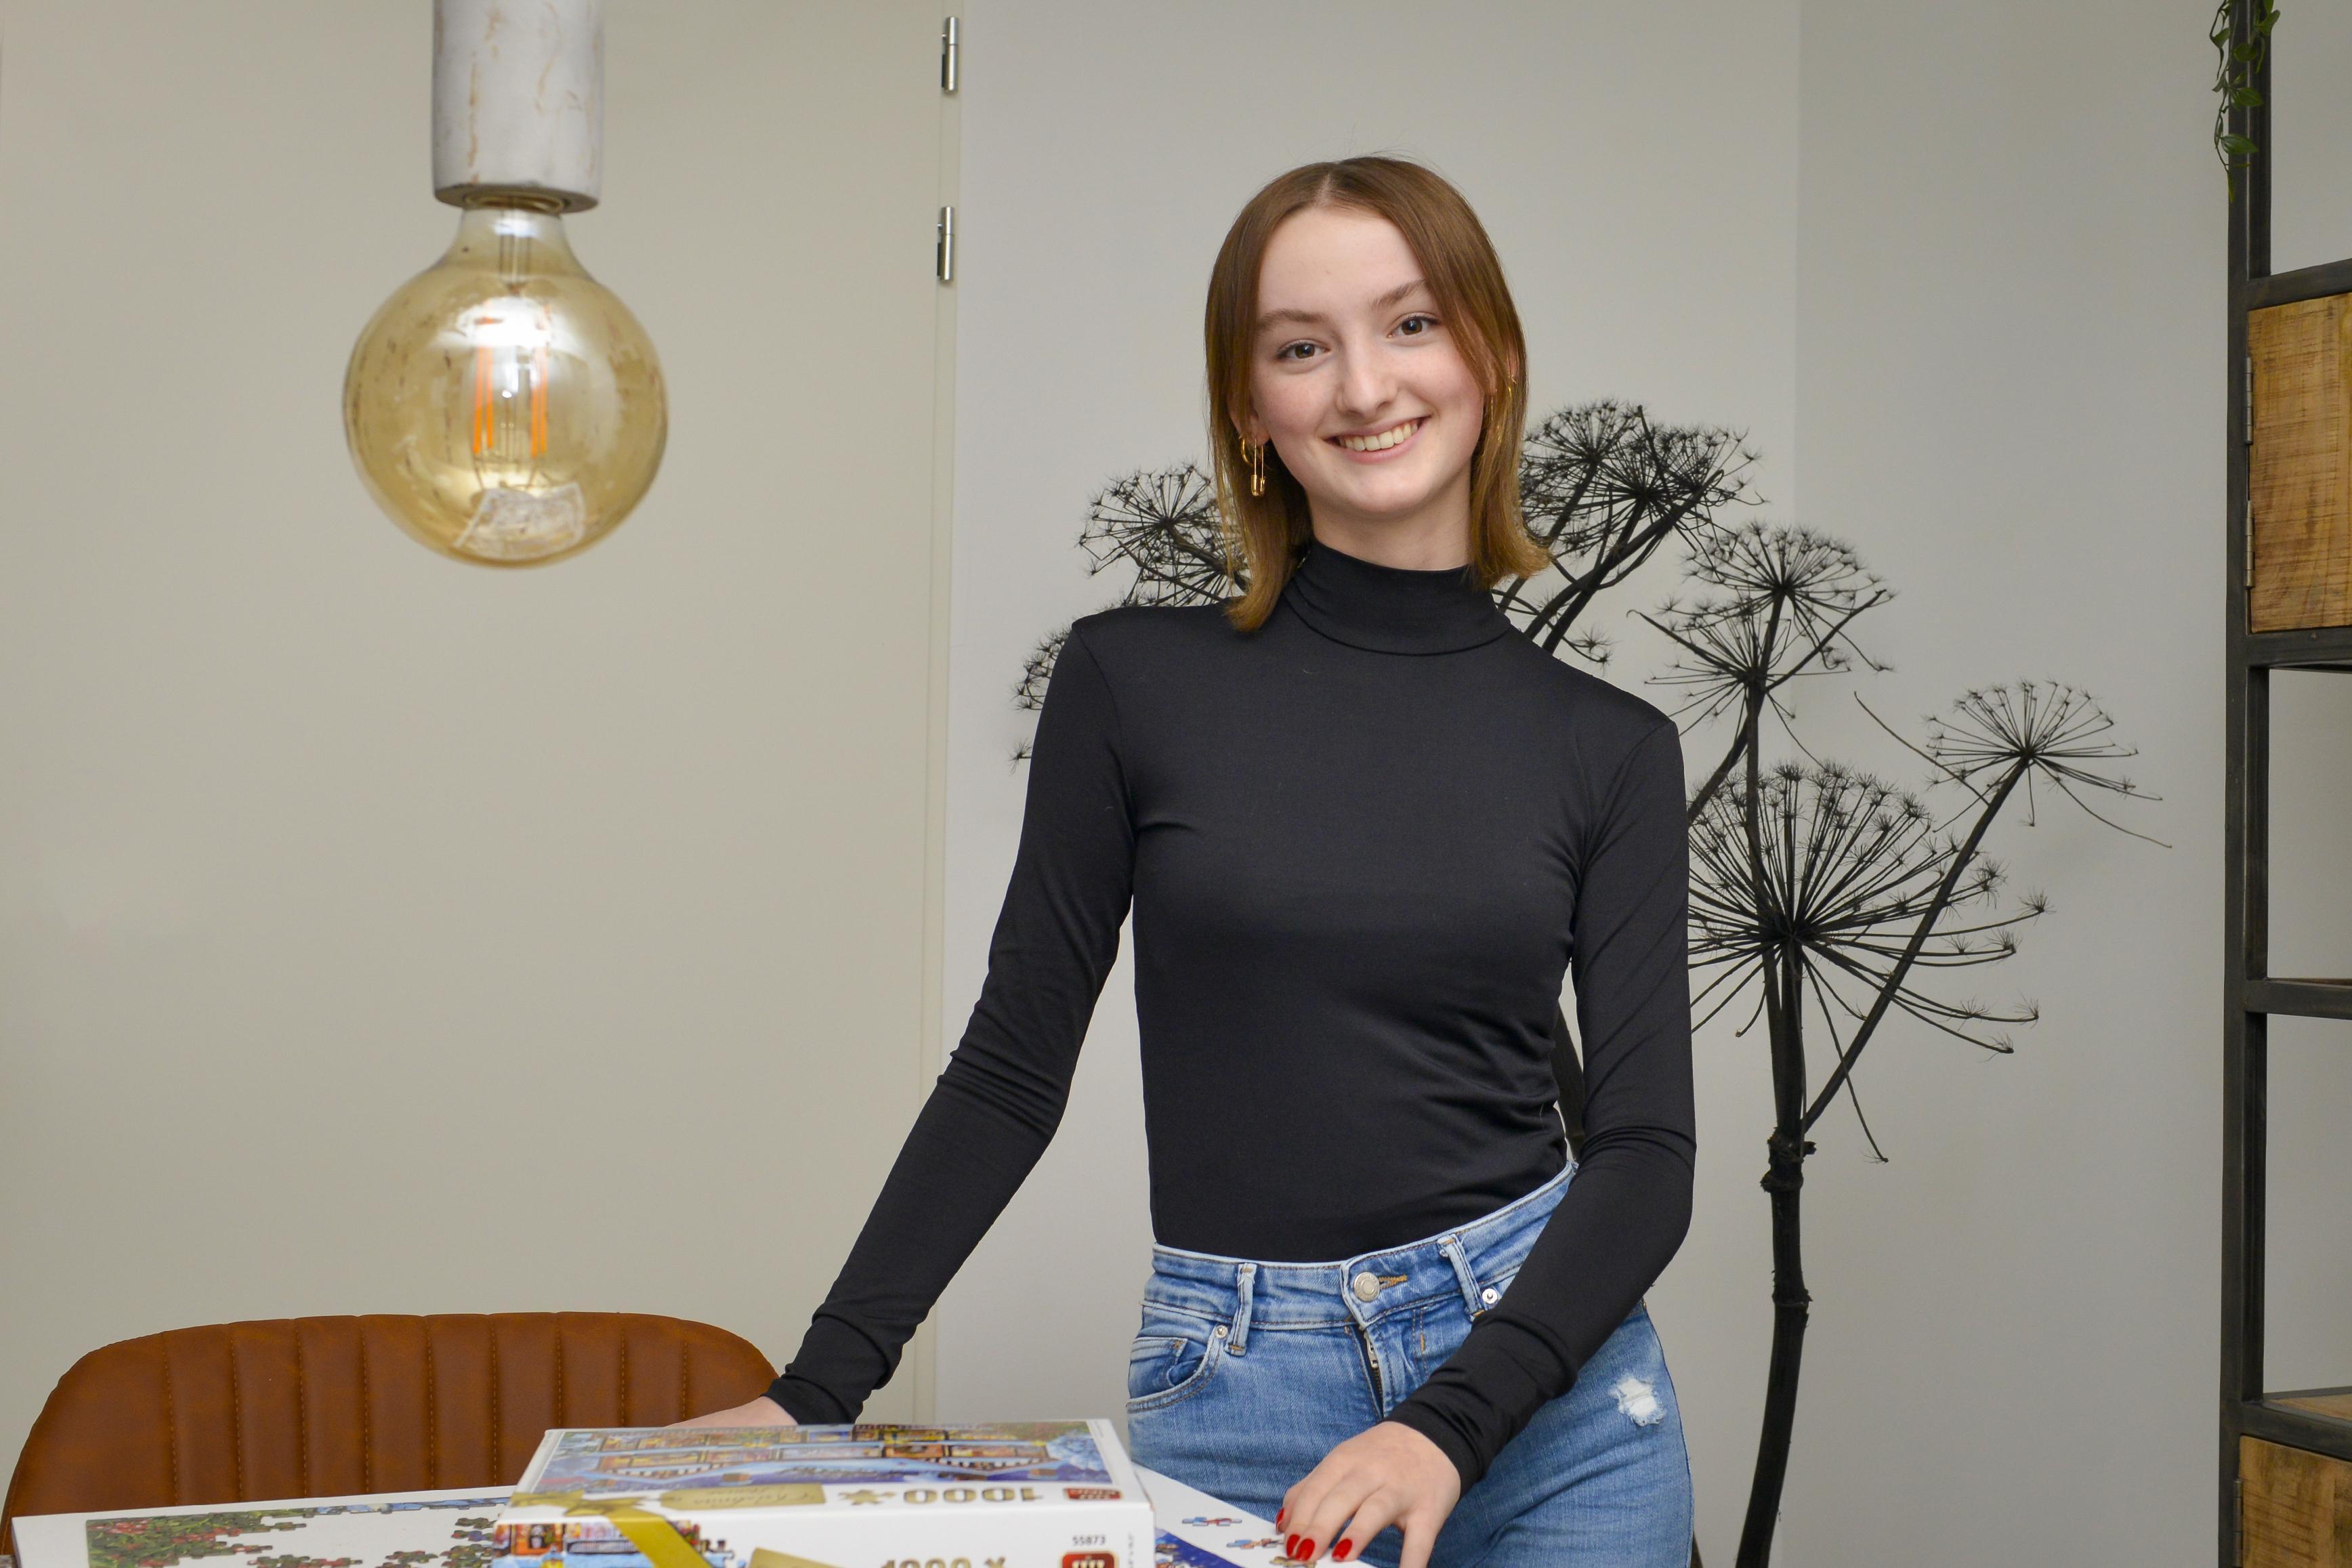 Je ziet nooit jongeren aan tafel bij Eva Jinek, zei Britt Stam (16) van Texel. Maar Eva luisterde, want woensdagavond zit Britt er